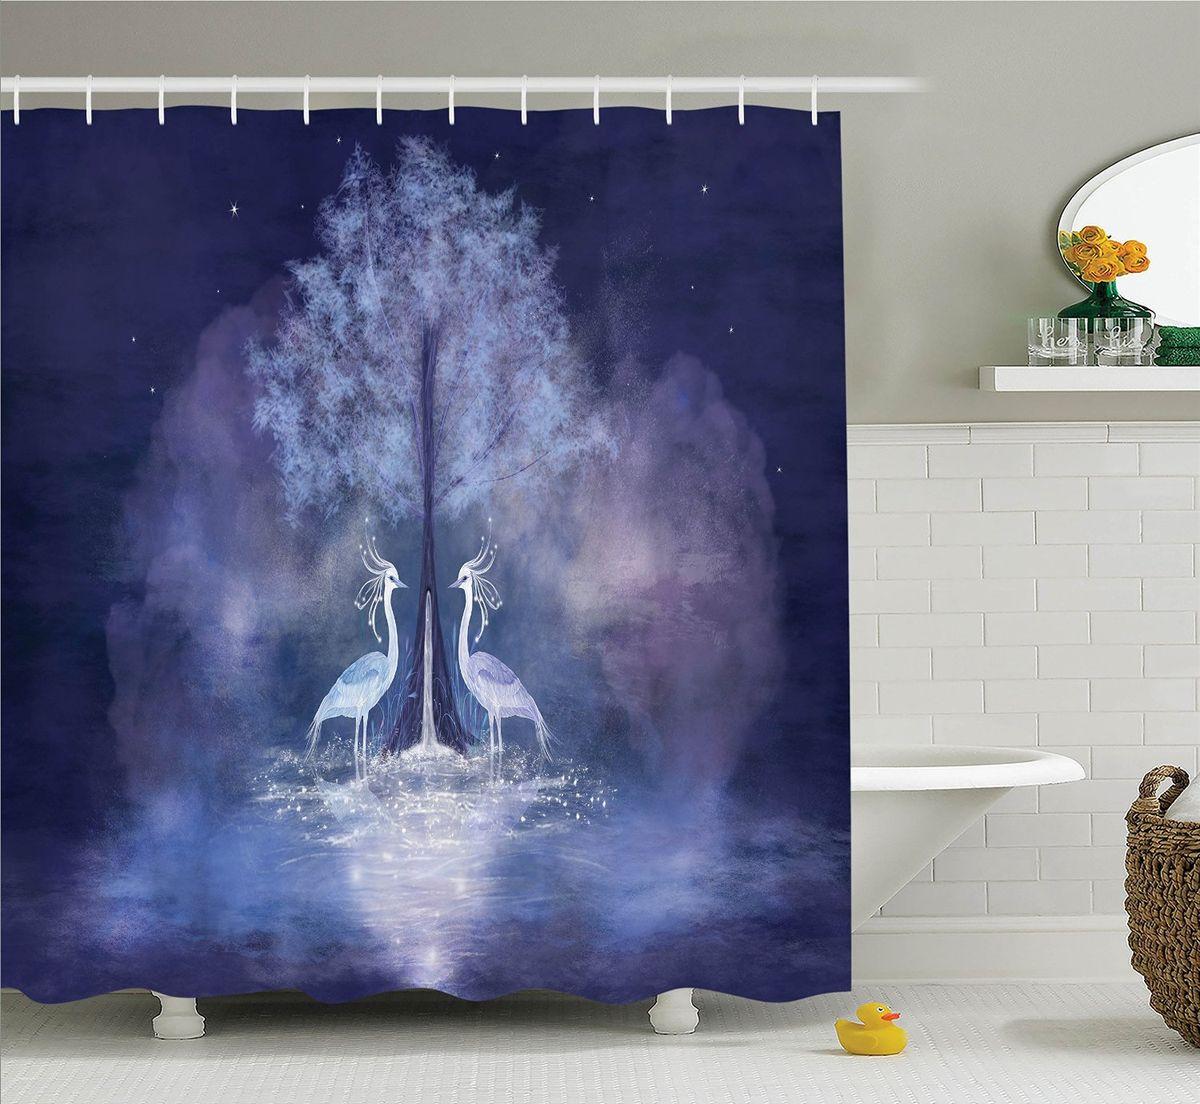 Штора для ванной комнаты Magic Lady Волшебные птицы, 180 х 200 смшв_15822Штора Magic Lady Волшебные птицы, изготовленная из высококачественного сатена (полиэстер 100%), отлично дополнит любой интерьер ванной комнаты. При изготовлении используются специальные гипоаллергенные чернила для прямой печати по ткани, безопасные для человека. В комплекте: 1 штора, 12 крючков. Обращаем ваше внимание, фактический цвет изделия может незначительно отличаться от представленного на фото.